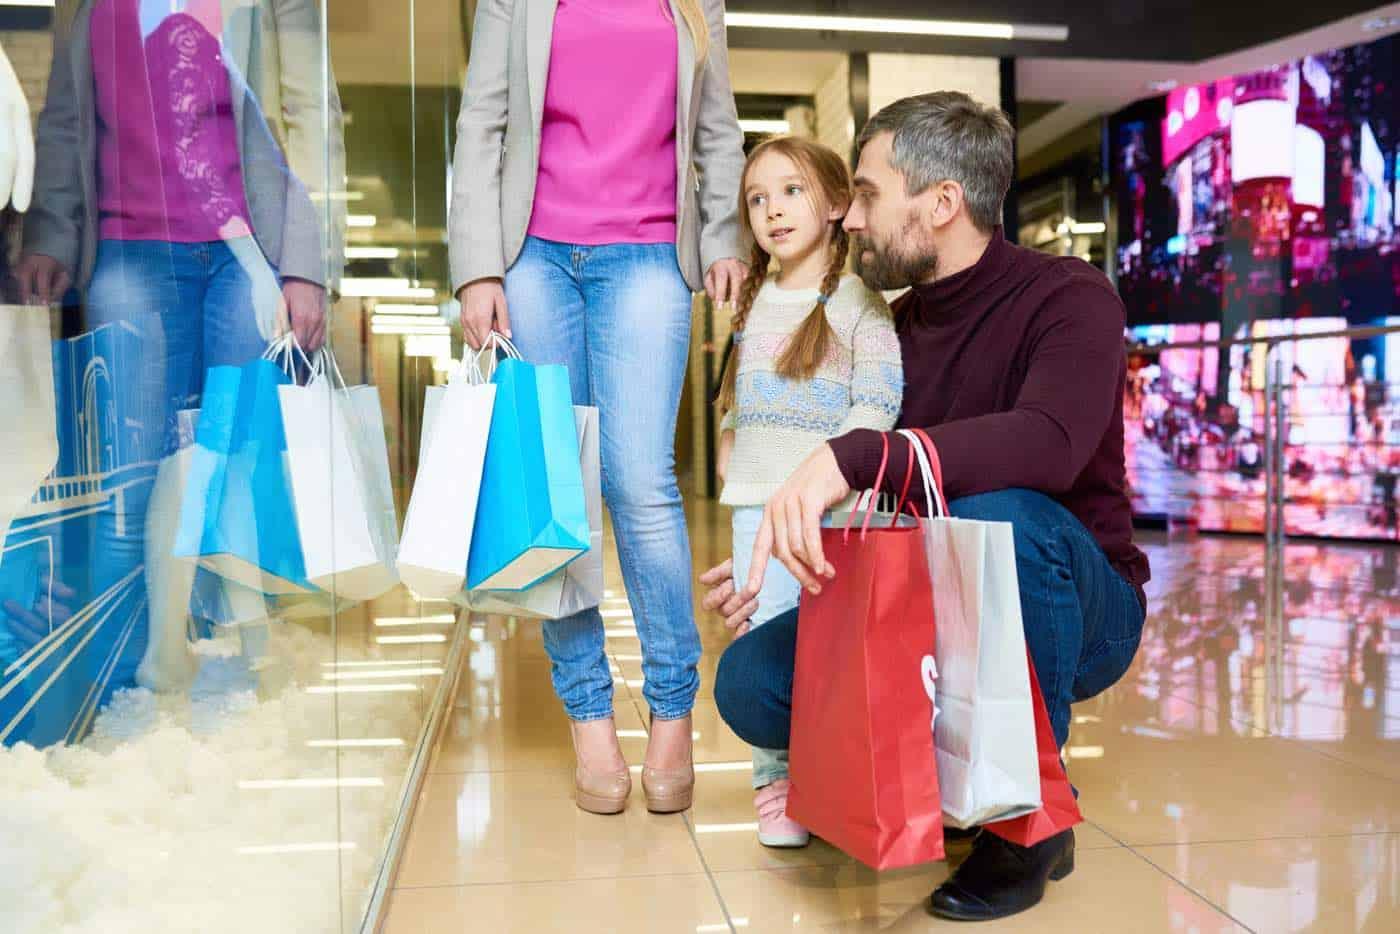 Familia de compras en el centro comercial